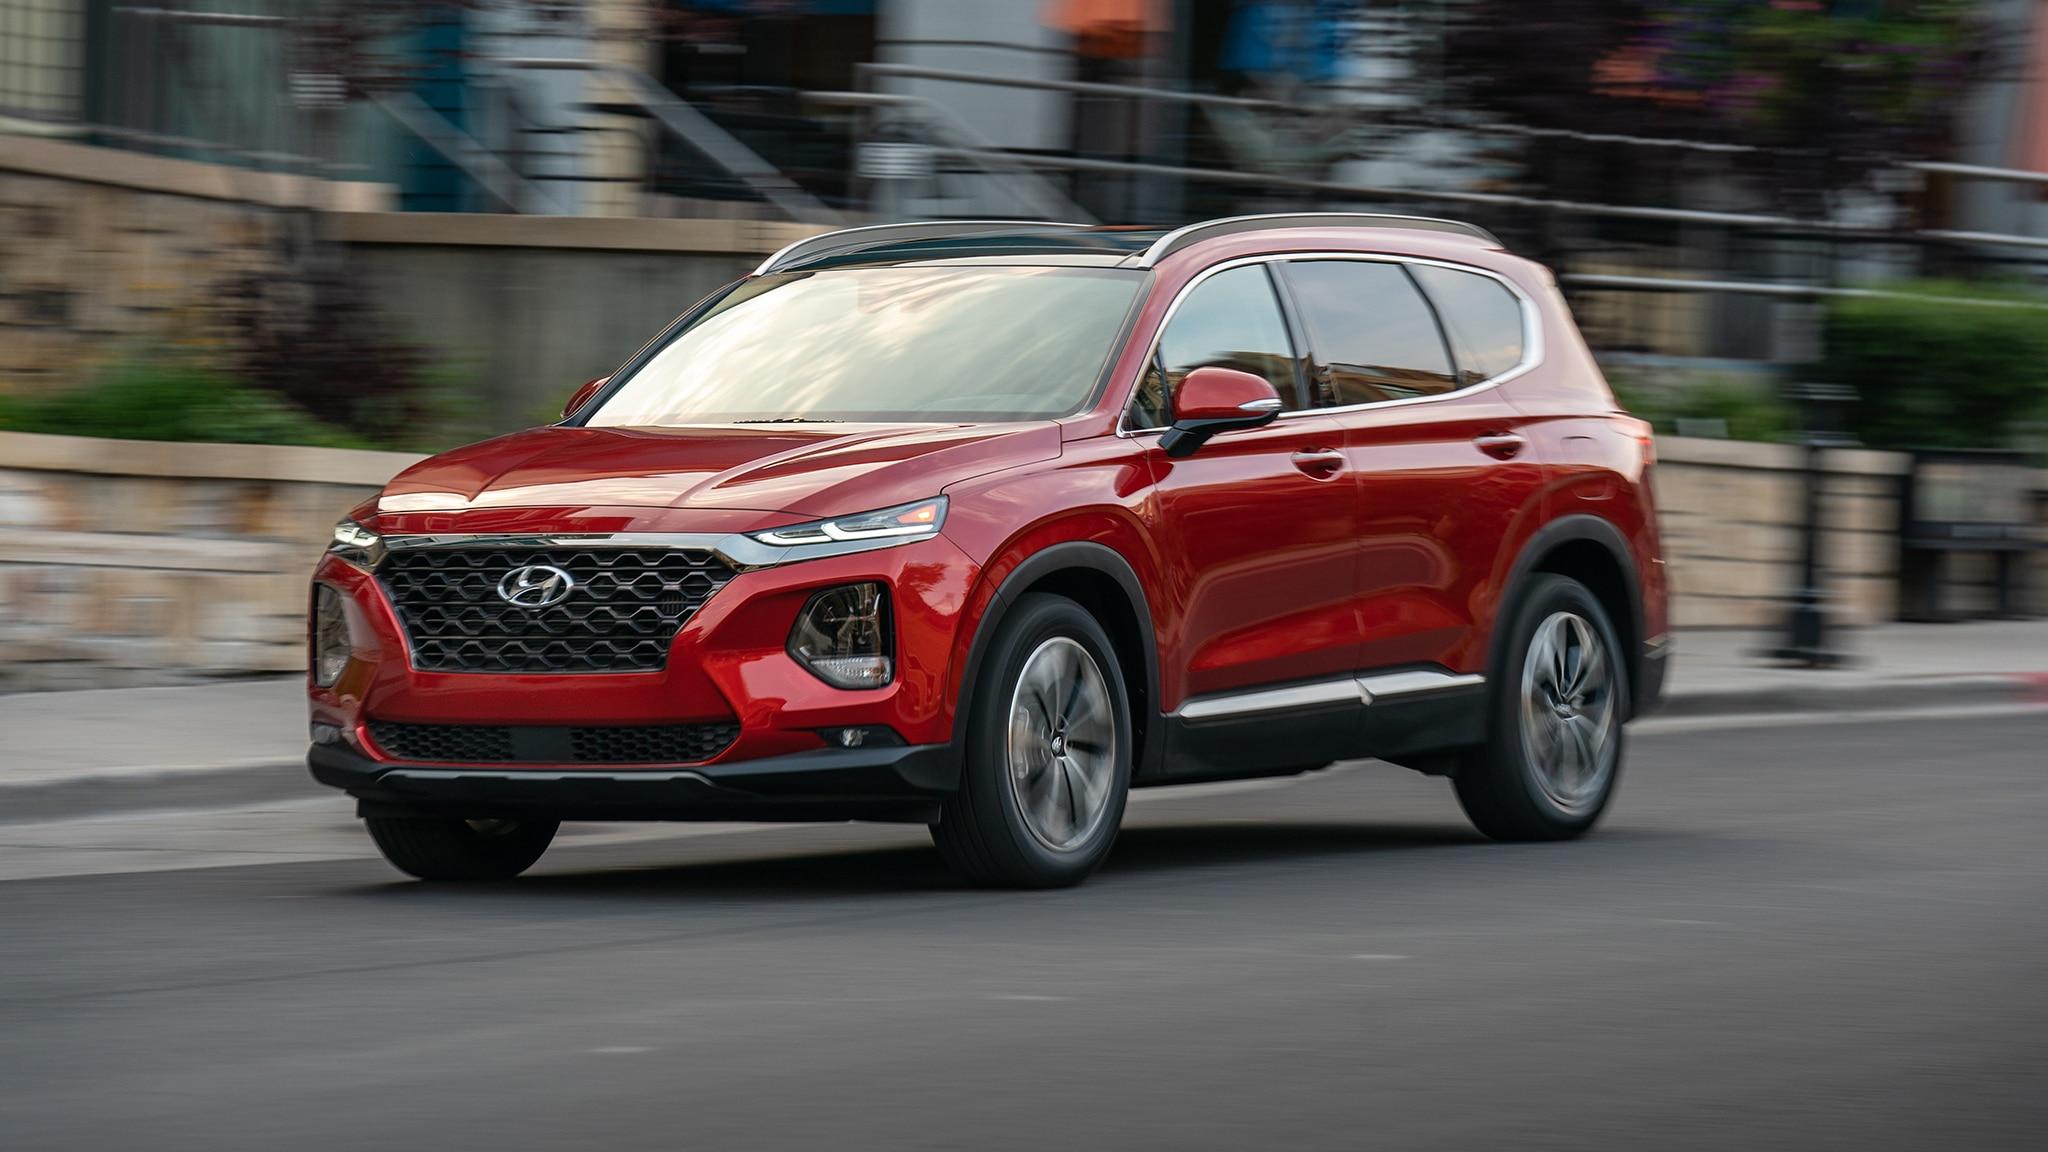 2019 Hyundai Santa Fe 29